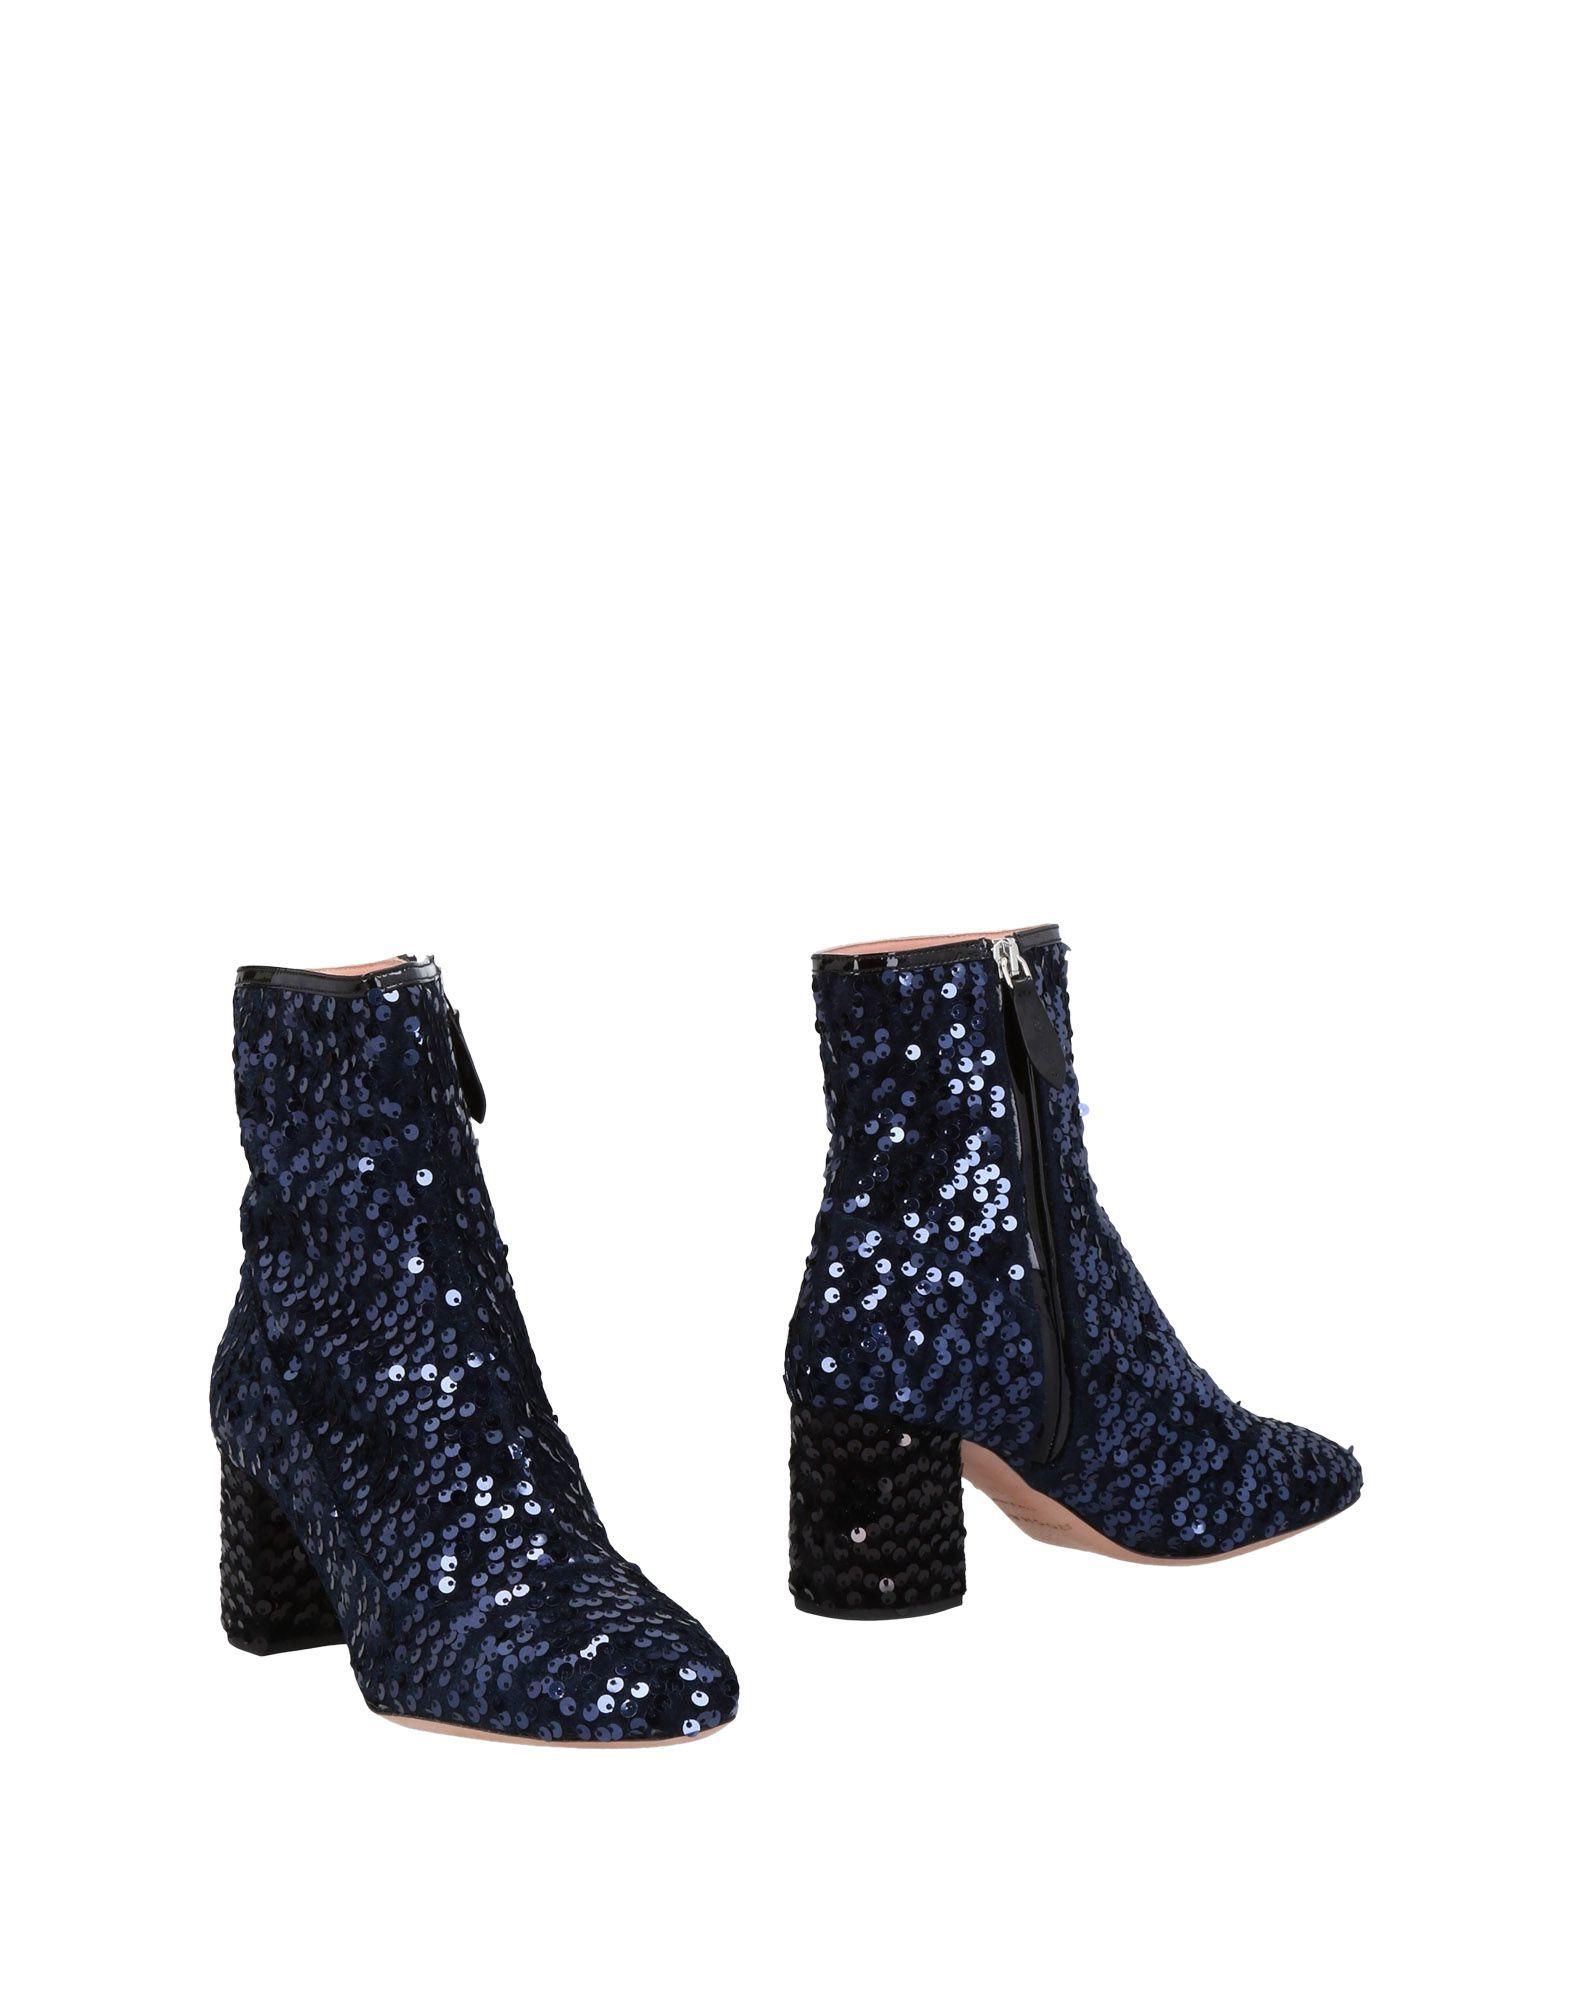 Bottine Rochas Femme - Bottines Rochas Noir Les chaussures les plus populaires pour les hommes et les femmes